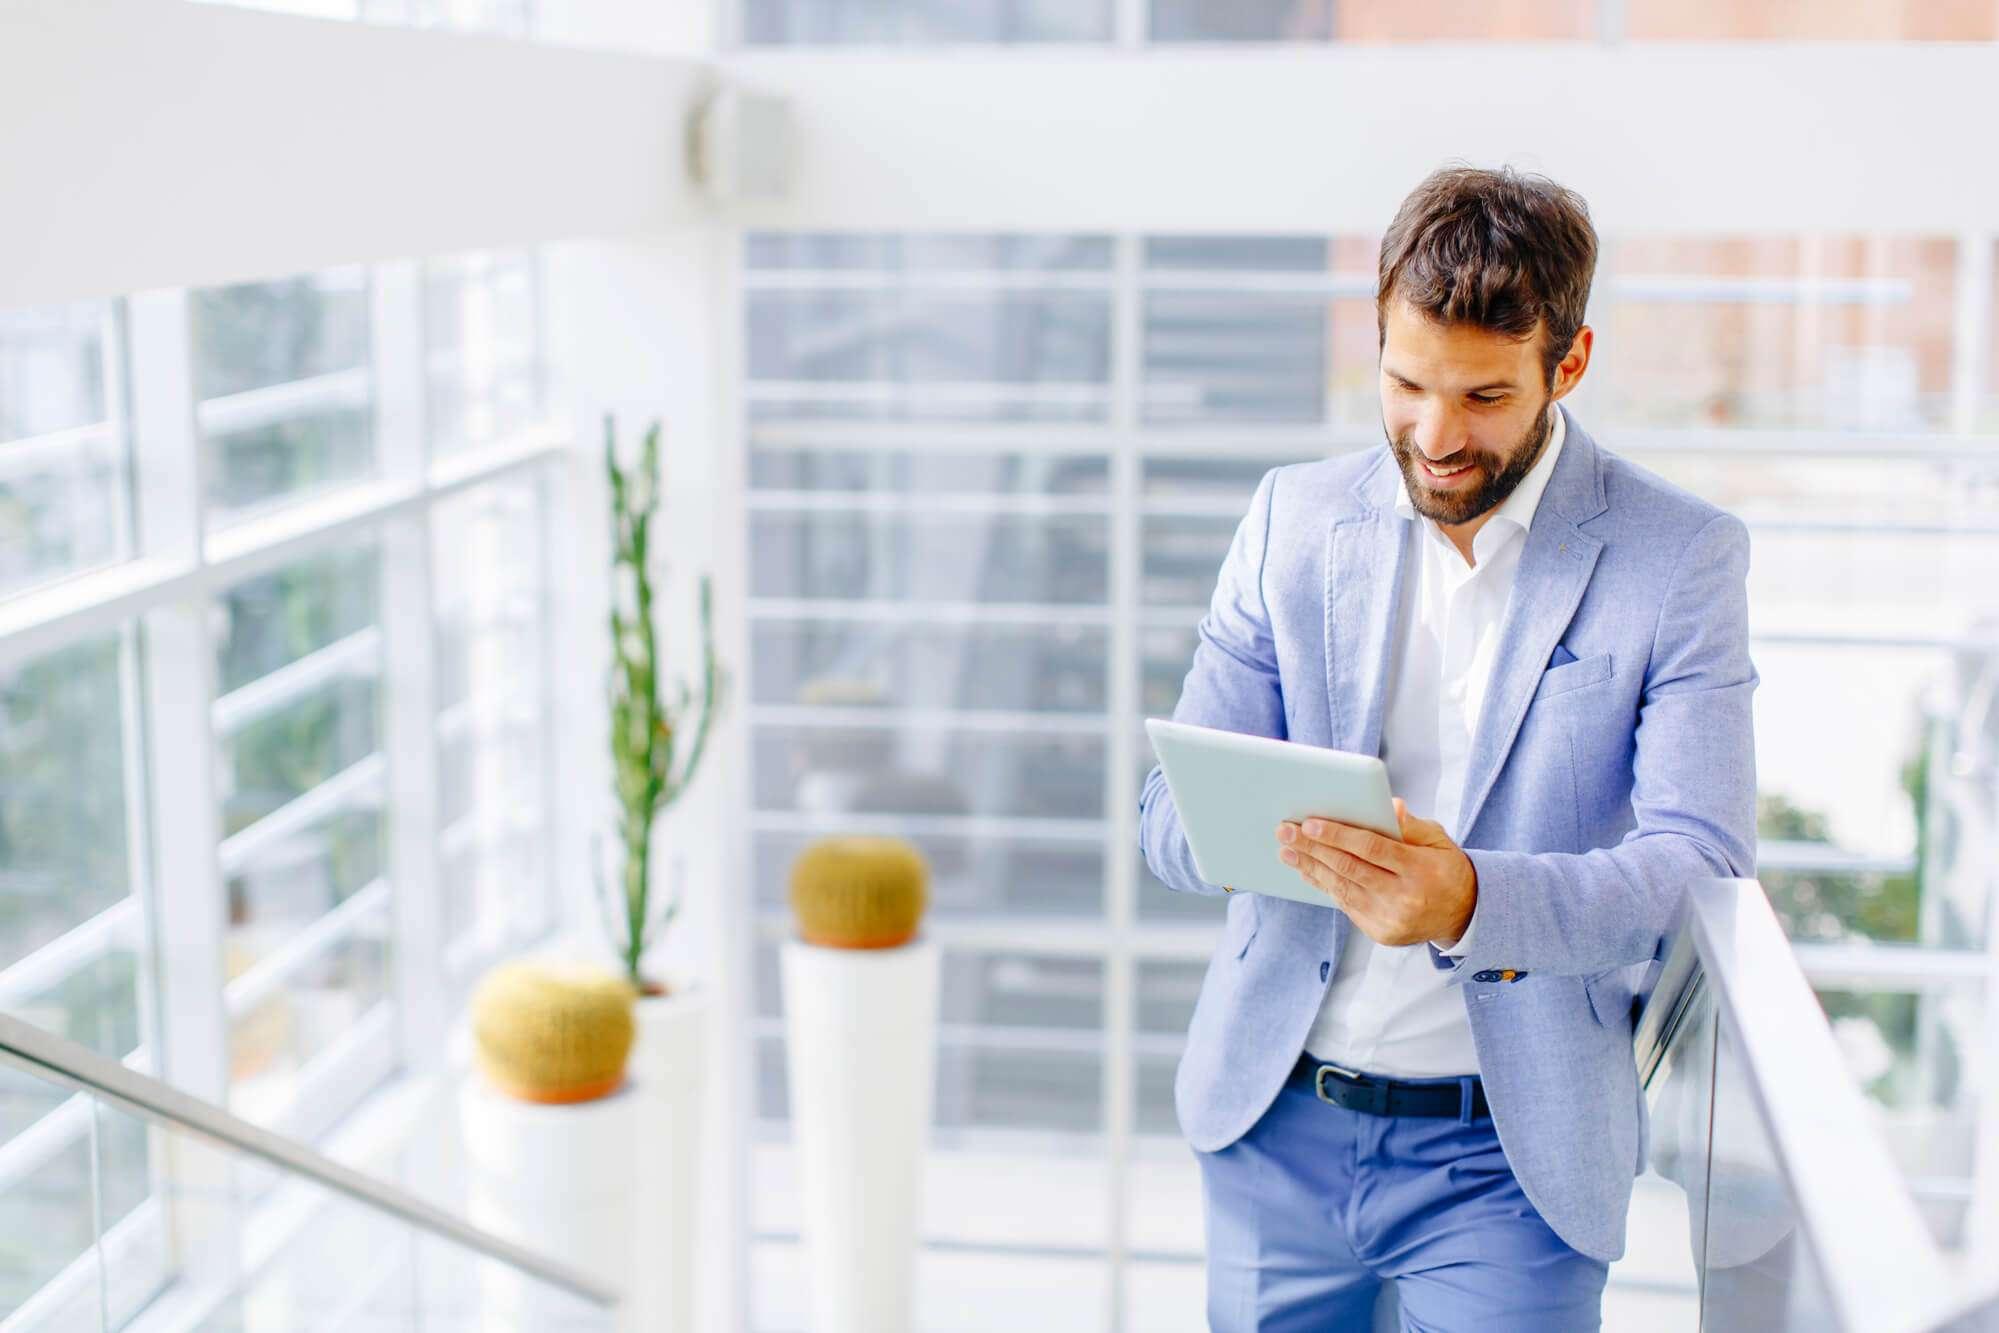 MBA Em Gestão: Marketing Digital — Como O Curso Pode Alavancar Sua Carreira